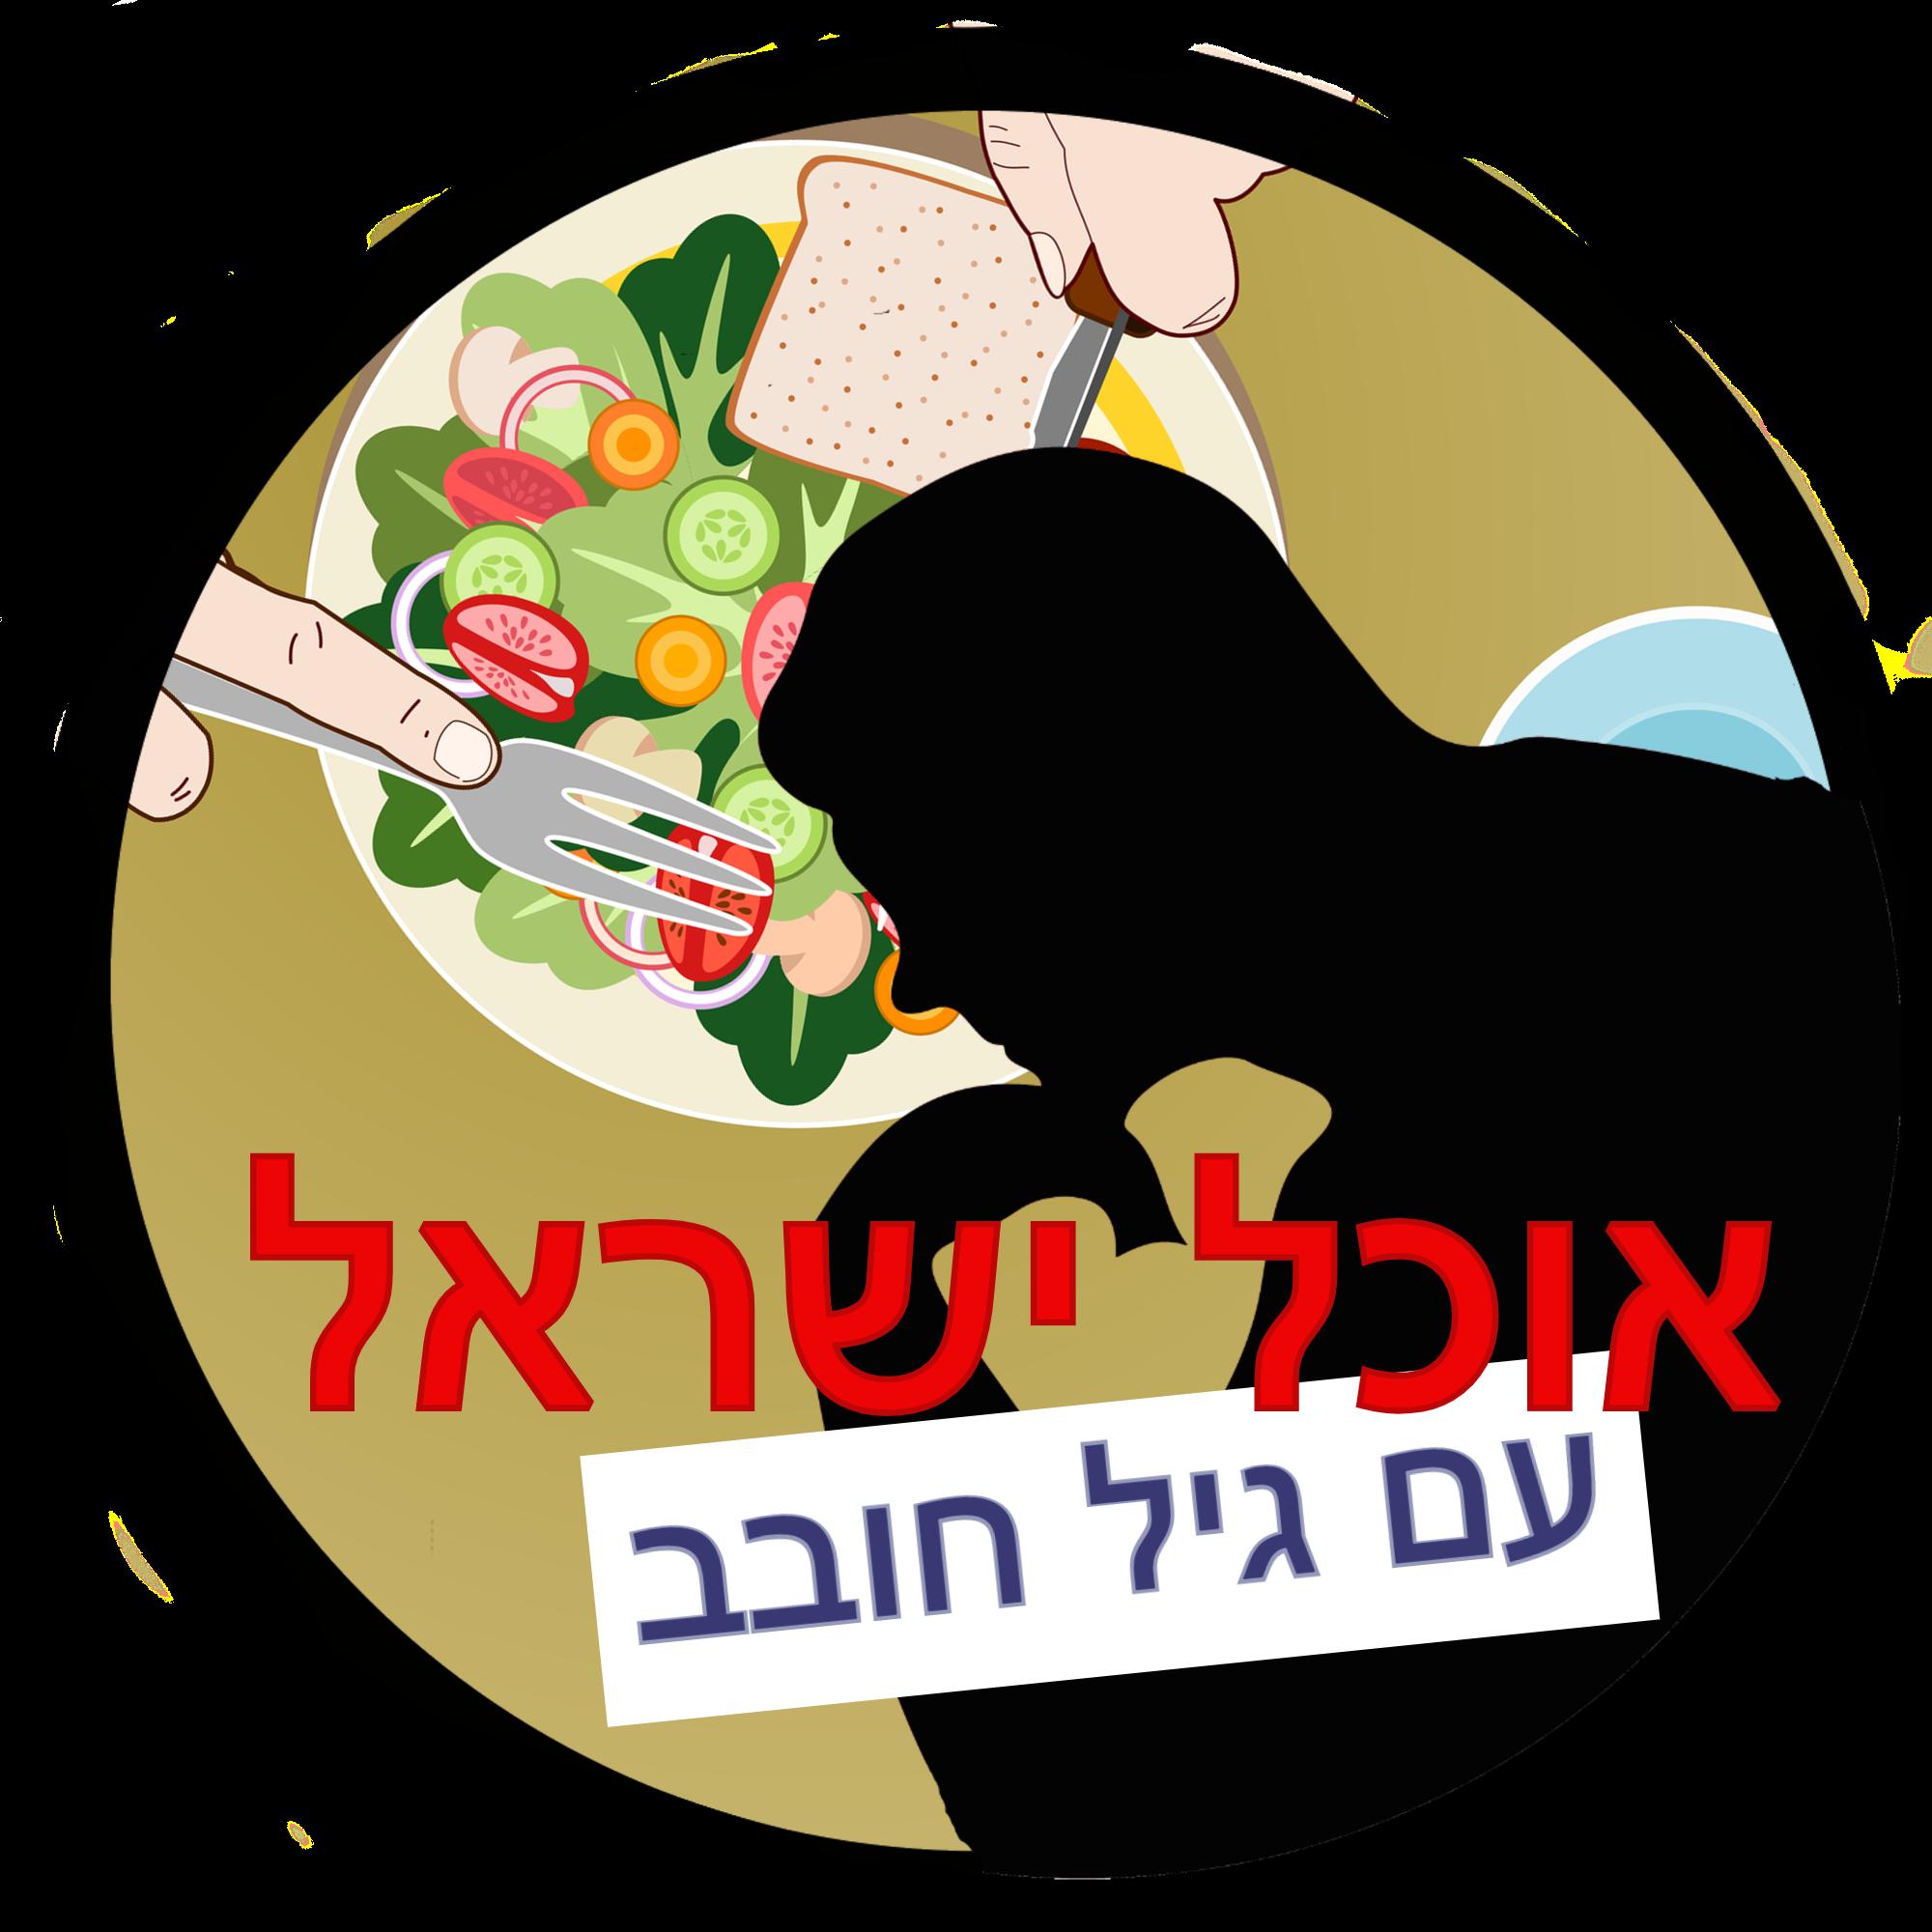 [אוכל ישראל] מסעדת יוקרה ותבשיל פועלים